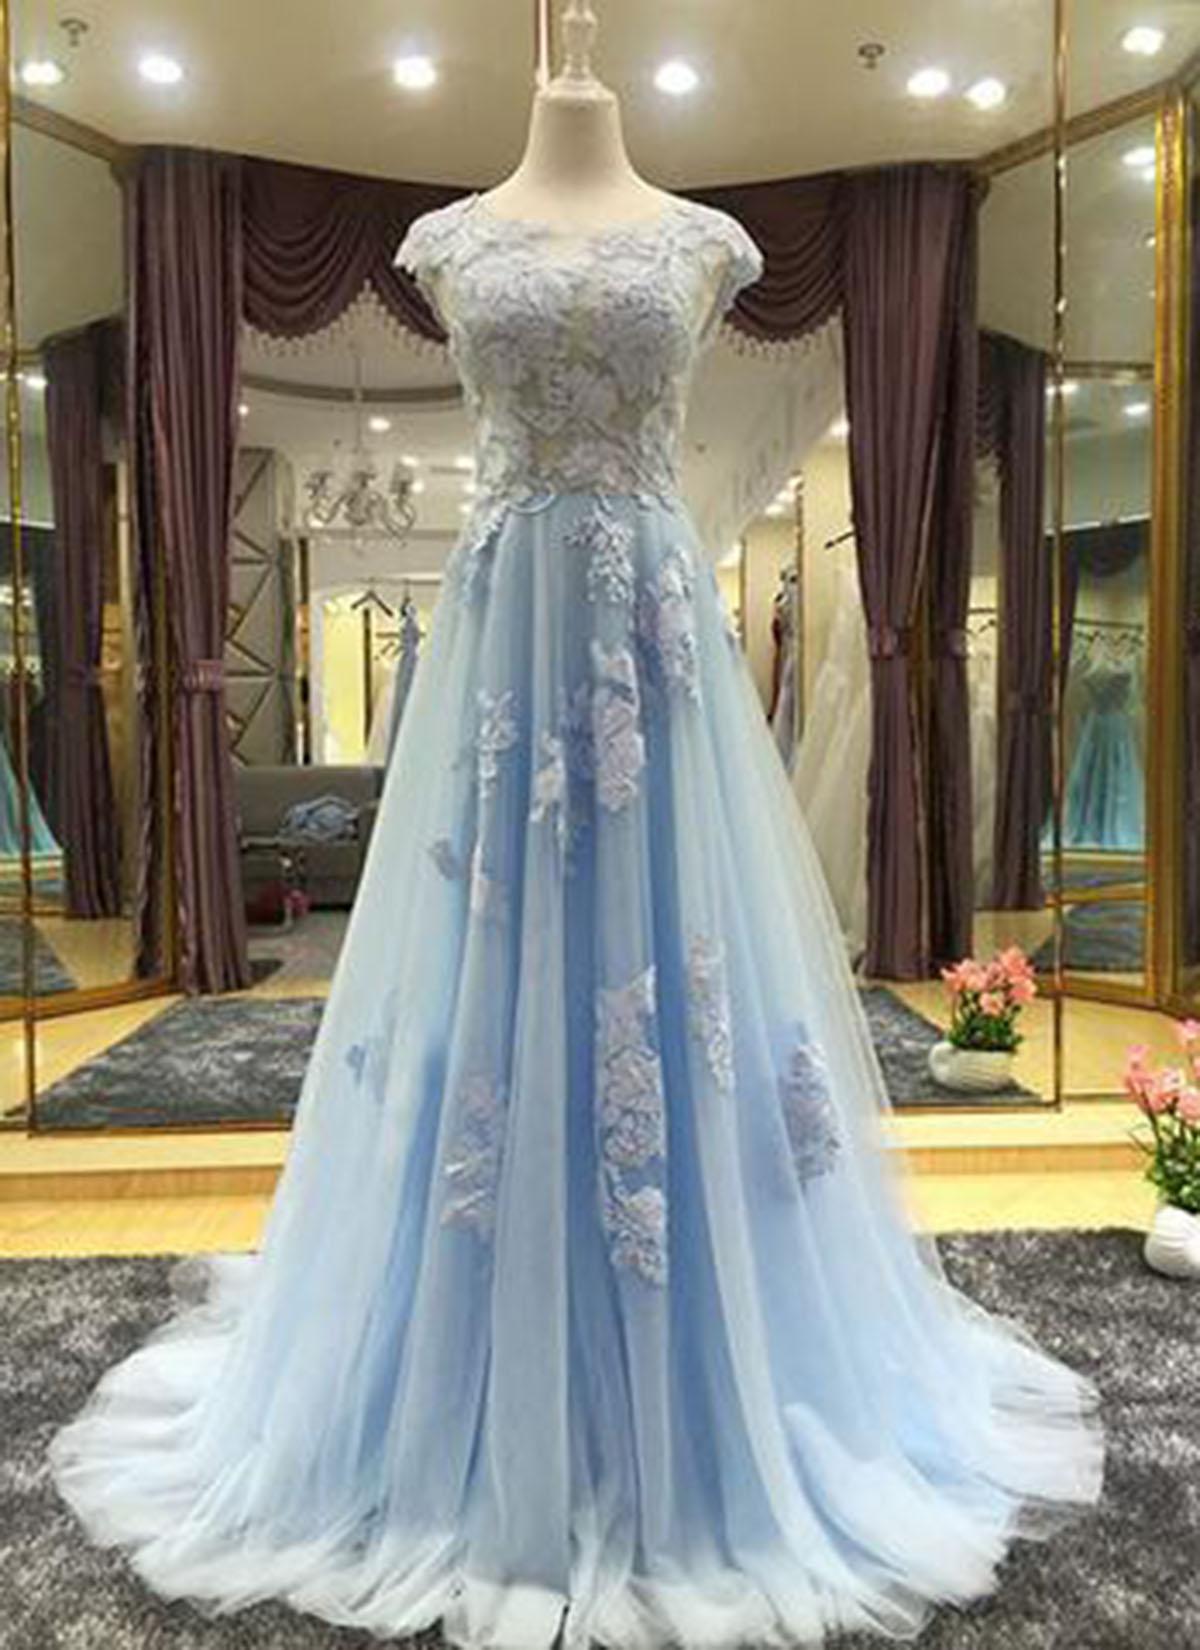 kurdish wedding dress | deweddingjpg.com